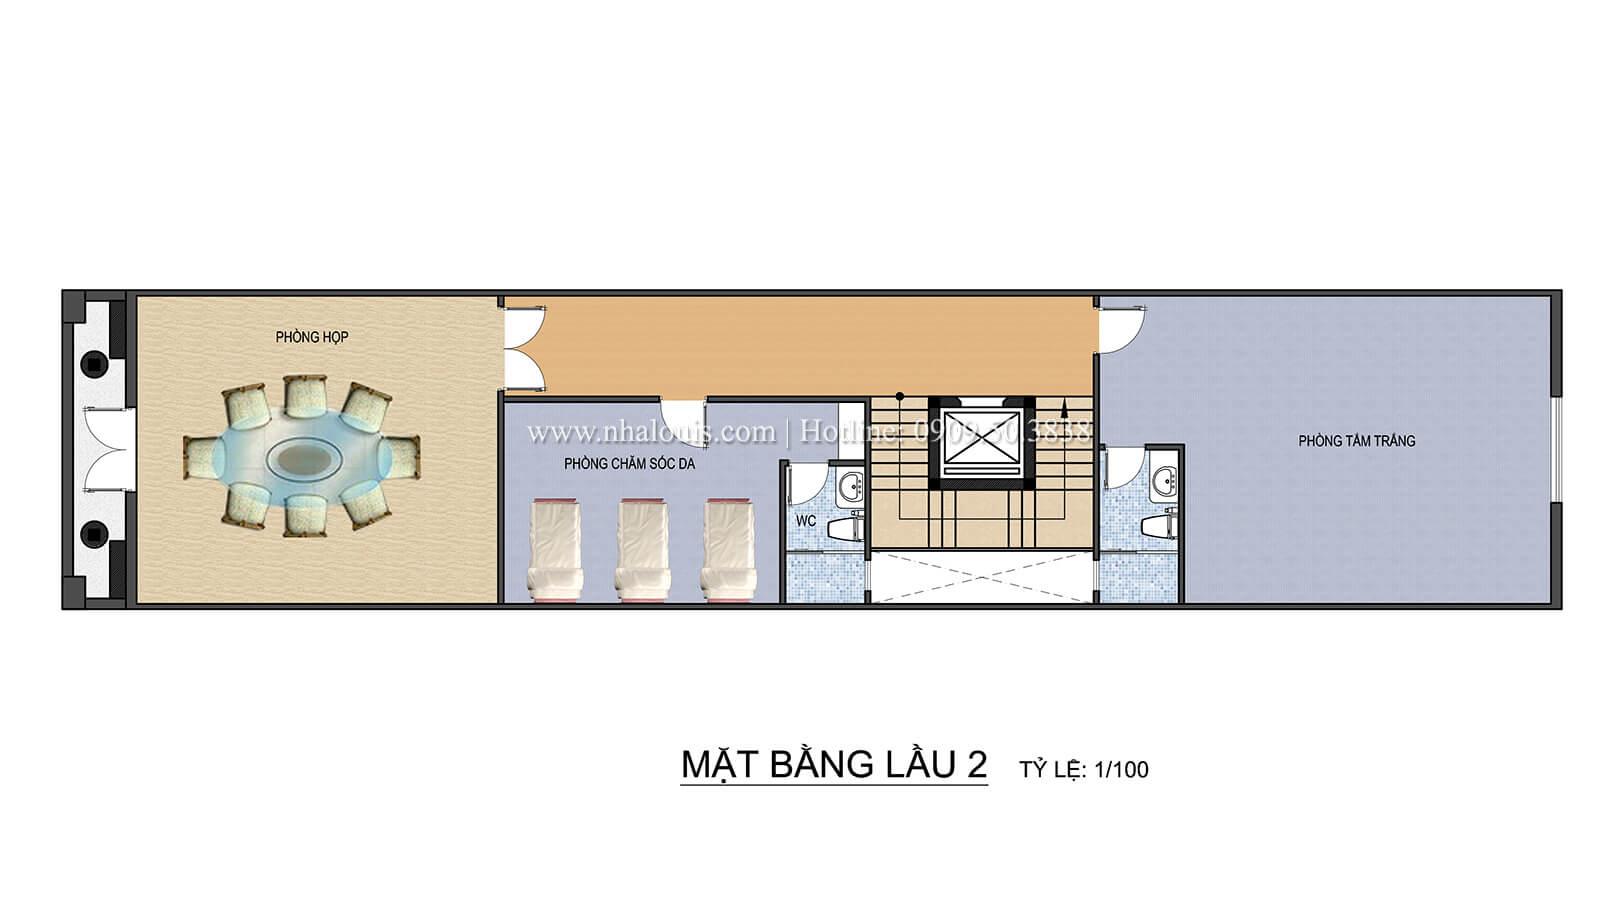 Mặt bằng tầng 2 Thiết kế spa đẹp lung linh tại Cần Thơ theo phong cách tân cổ điển - 08